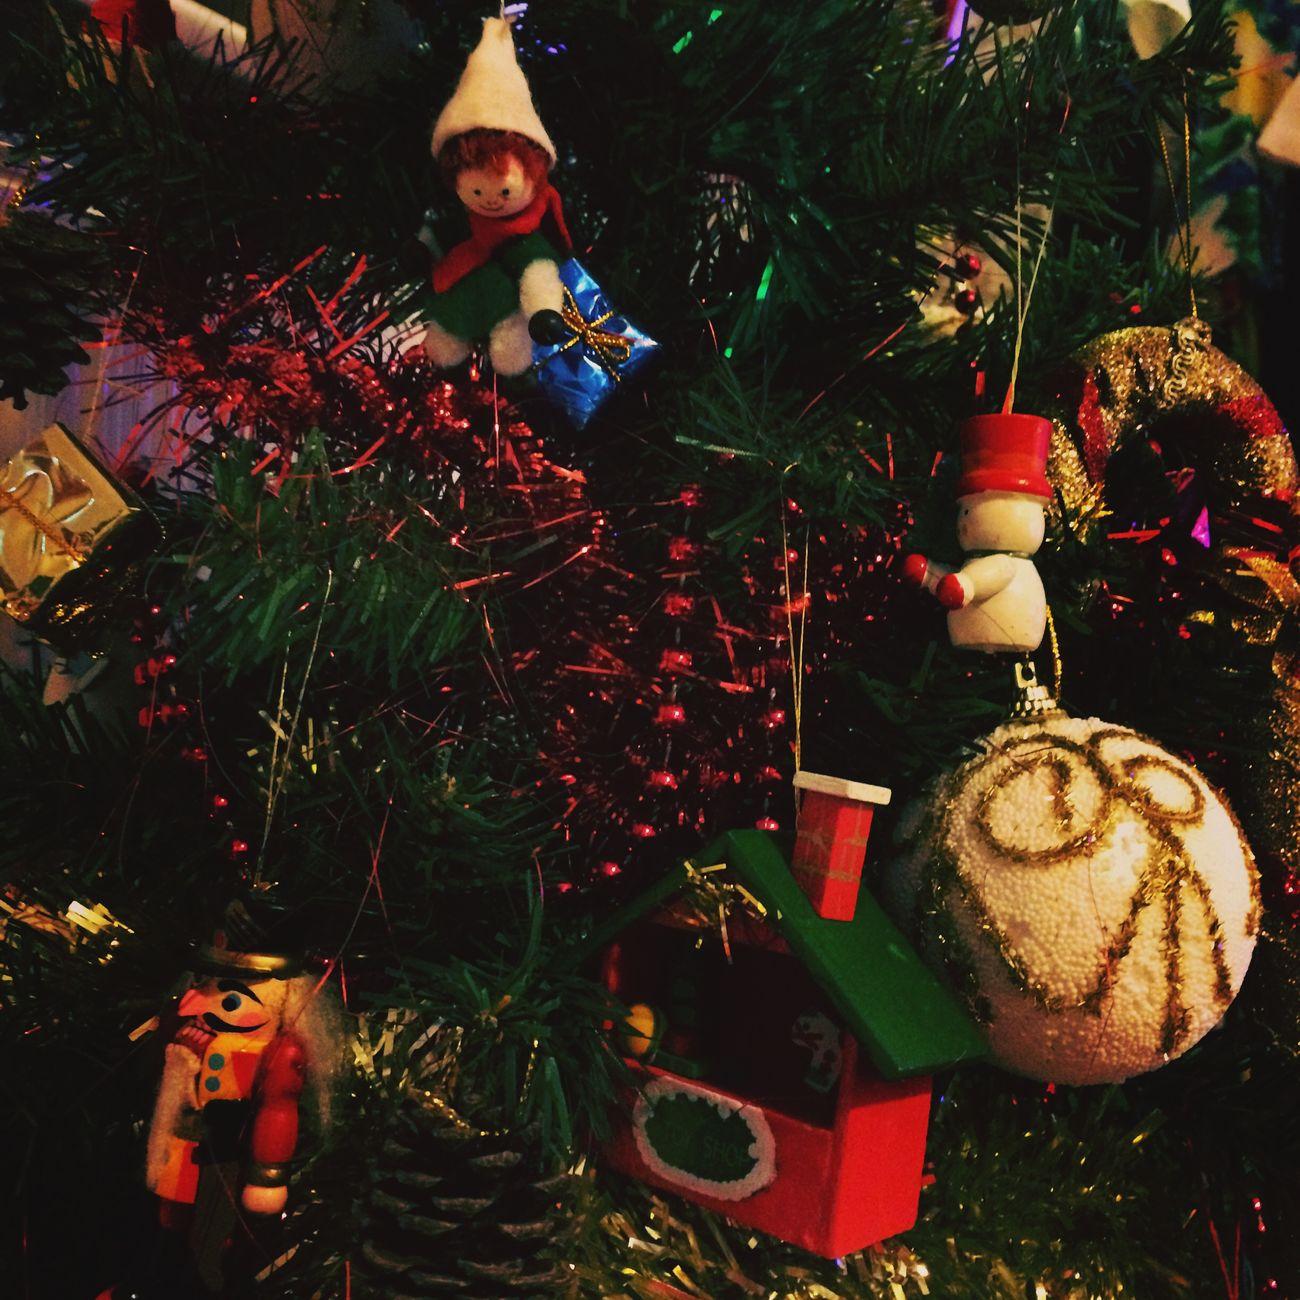 Xmas Tree Christmas Christmas Tree